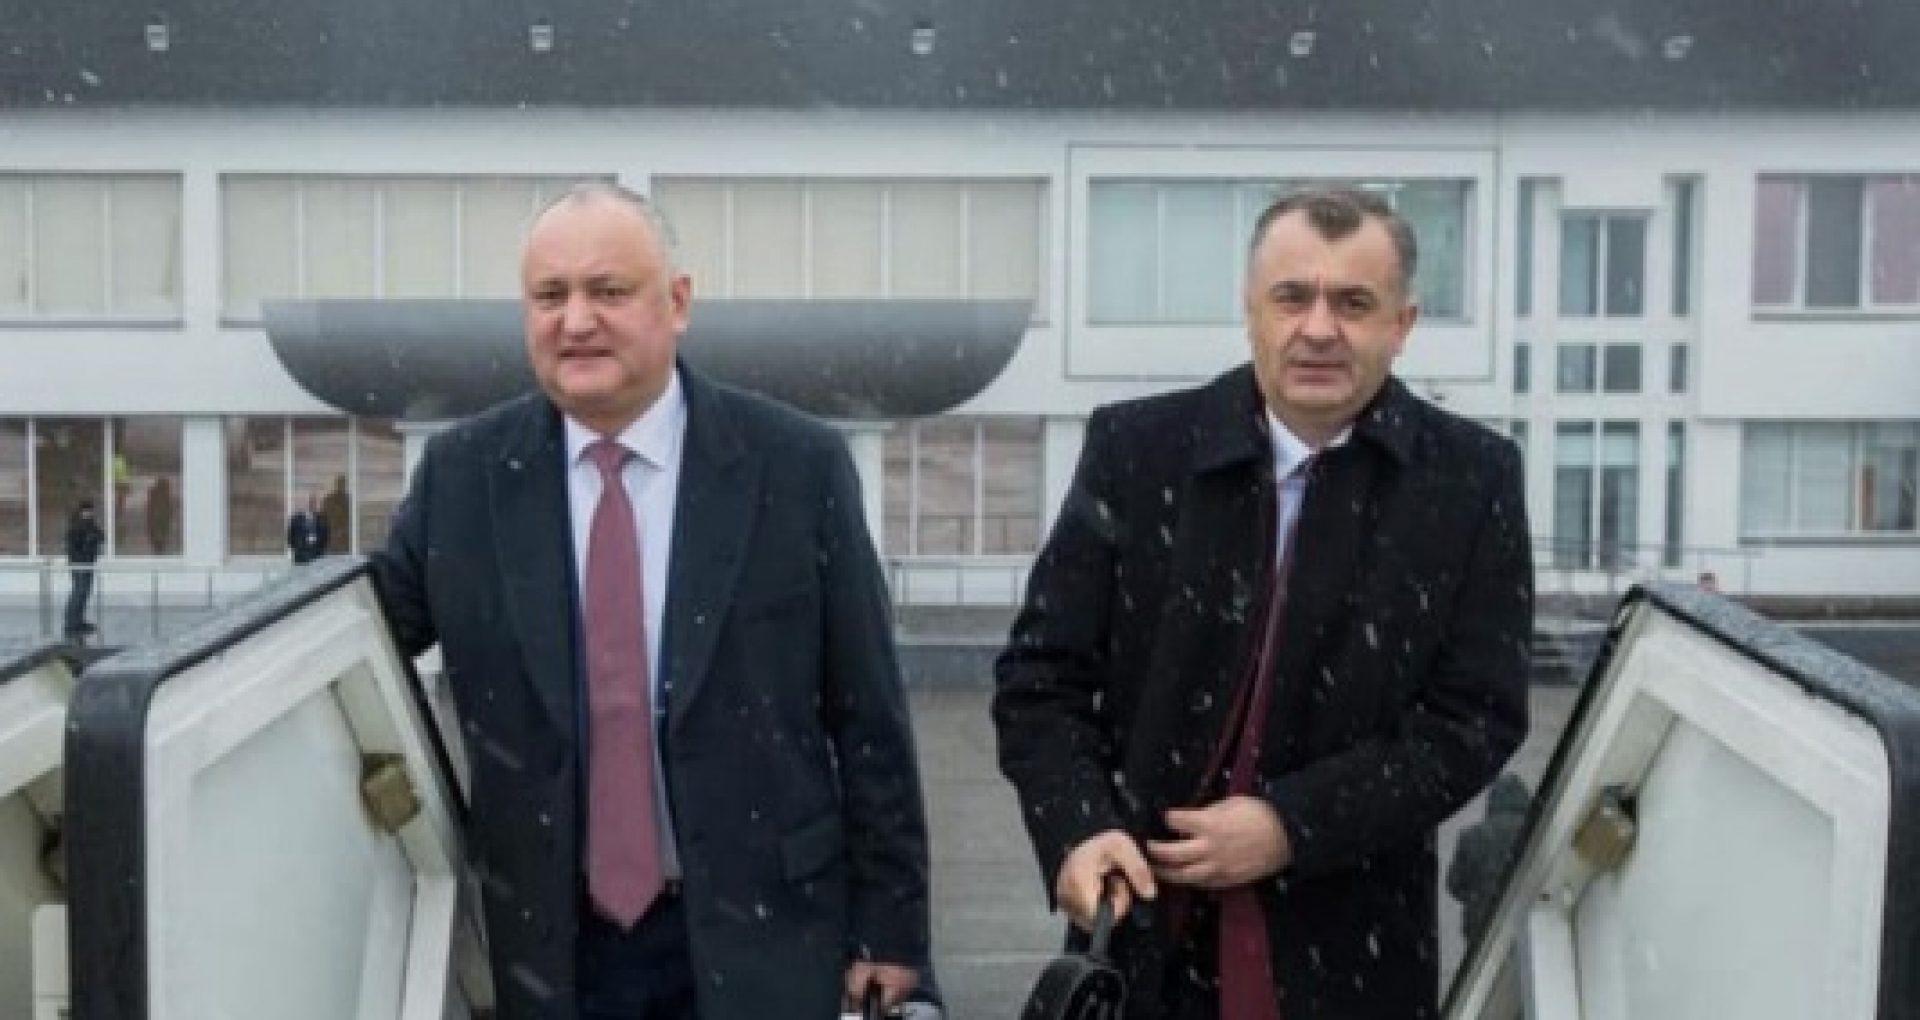 Chicu a anunțat dacă își va da sau nu demisia din funcția de prim-ministru până la învestirea Maiei Sandu în funcția de președinte al R. Moldova și dacă Igor Dodon își dorește funcția de premier